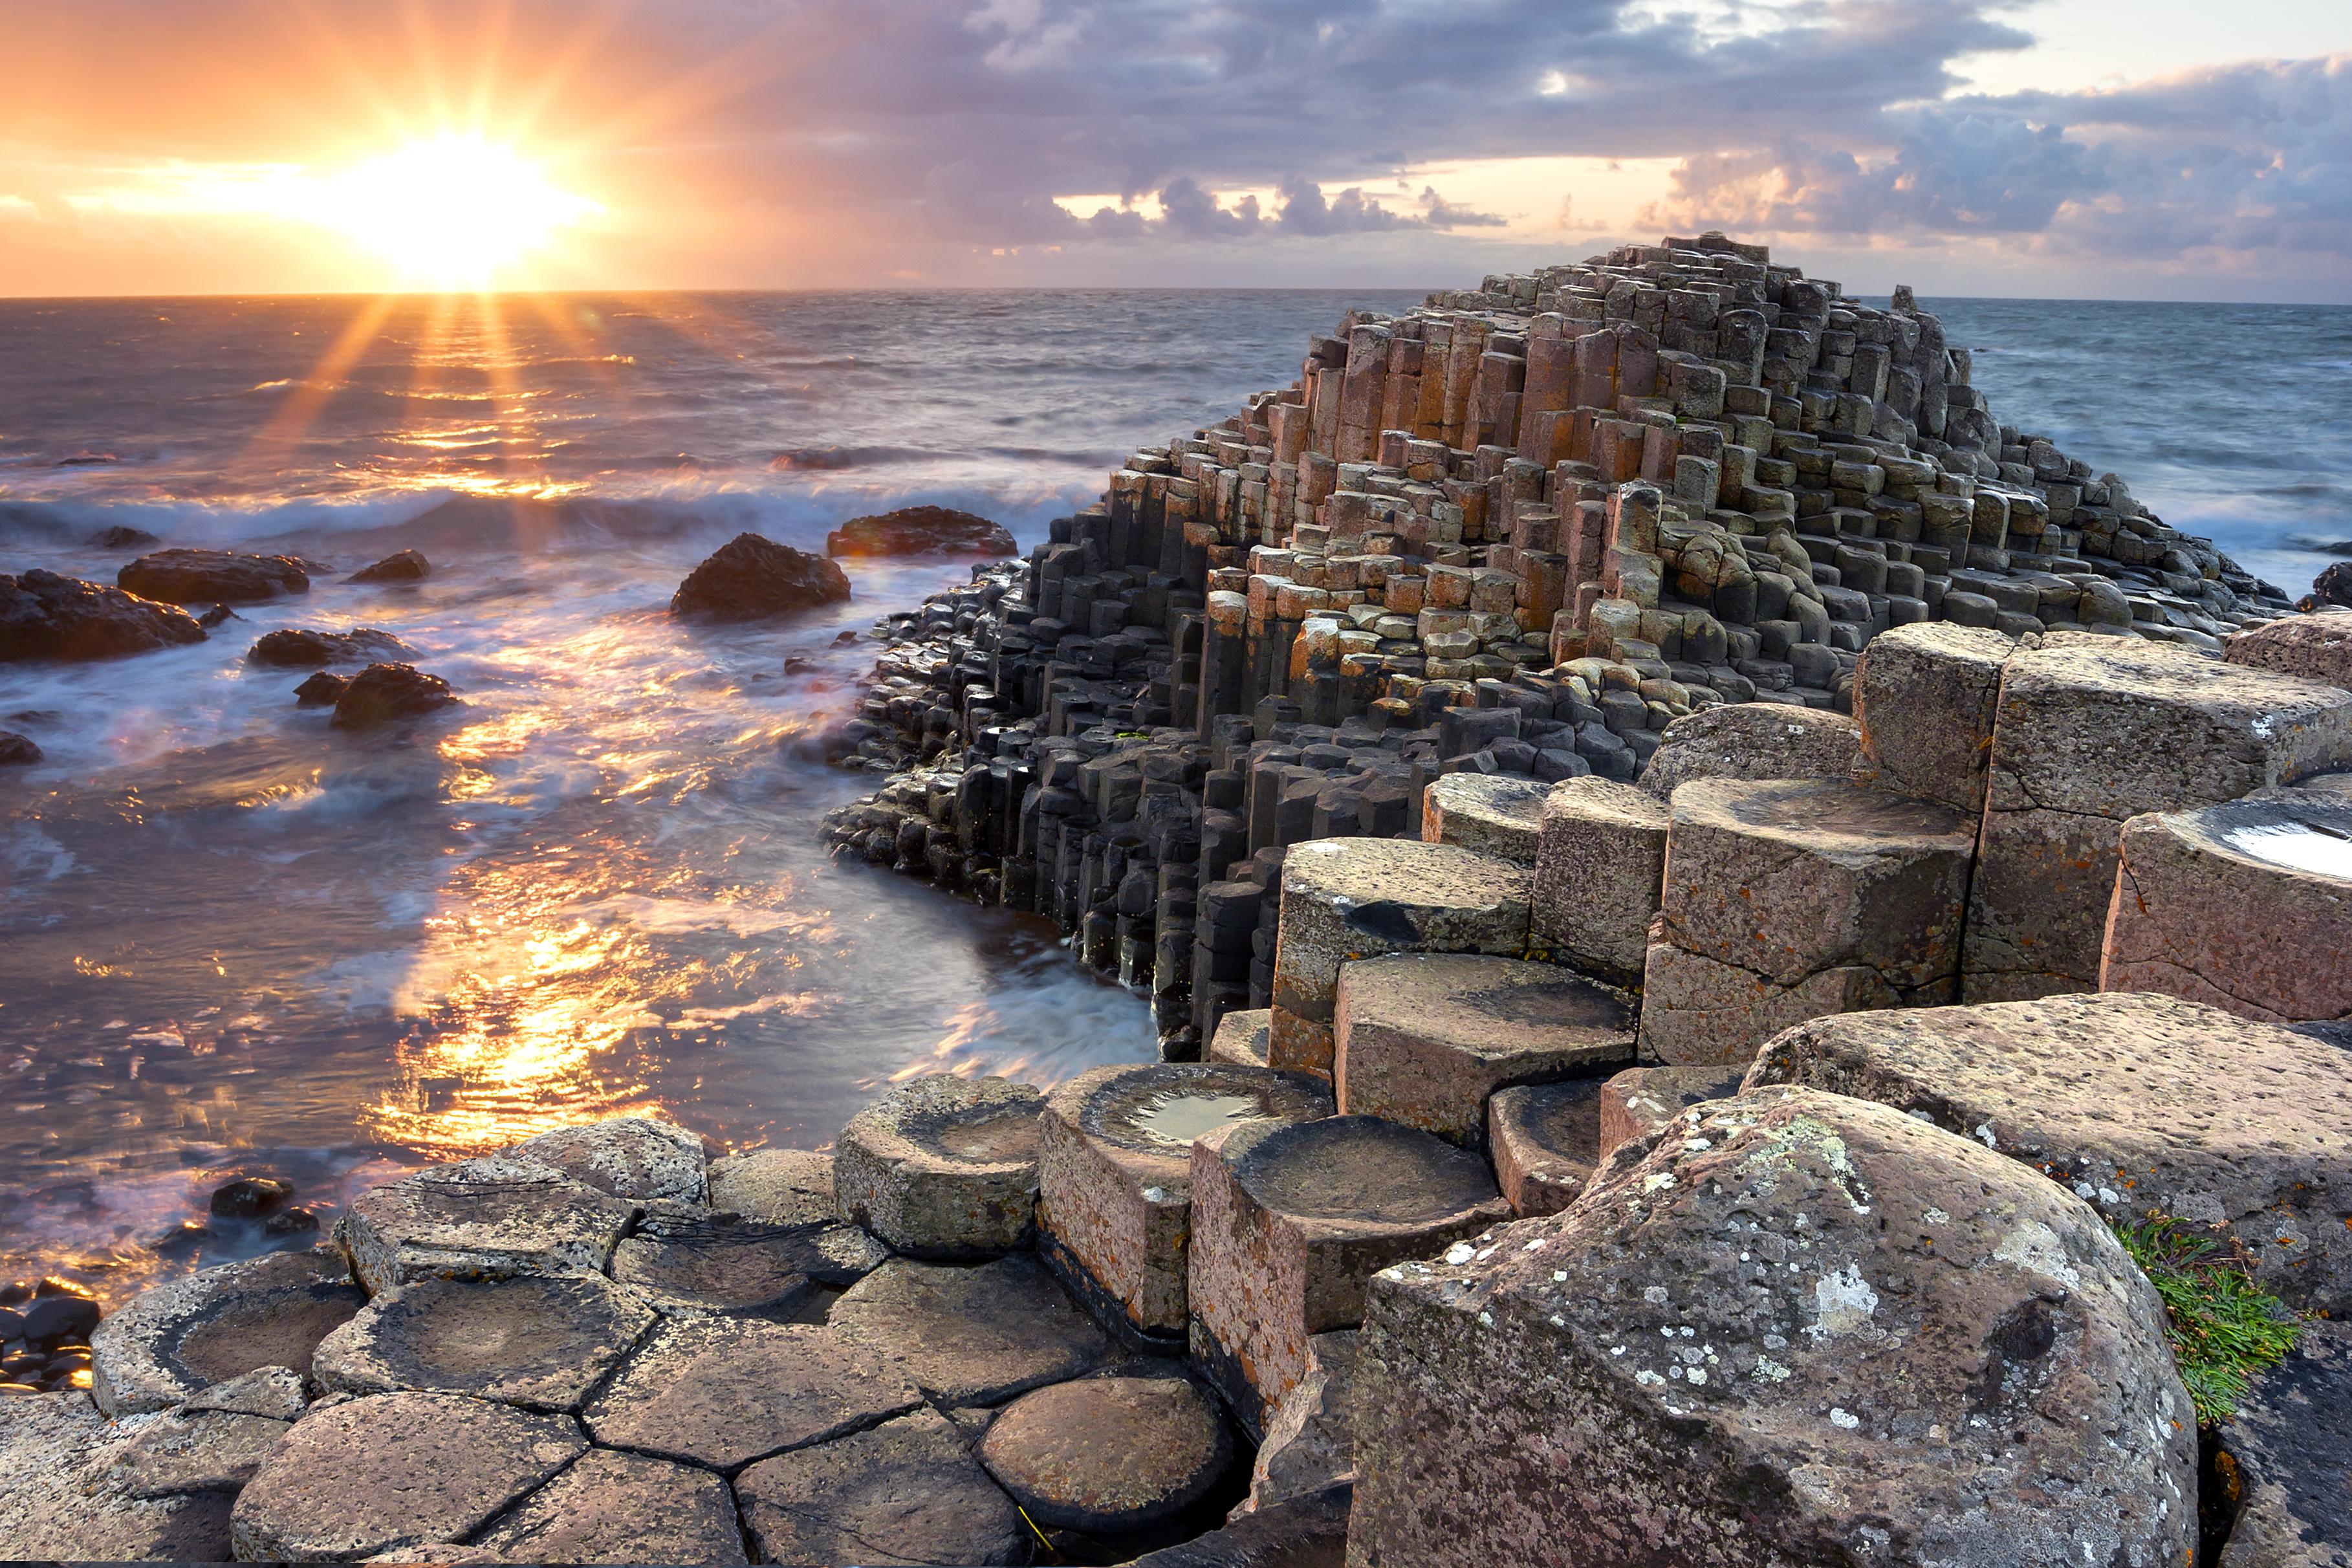 Descubre las leyendas celtas que rodean a la impactante Calzada del Gigante - Irlanda Circuito Todo Irlanda